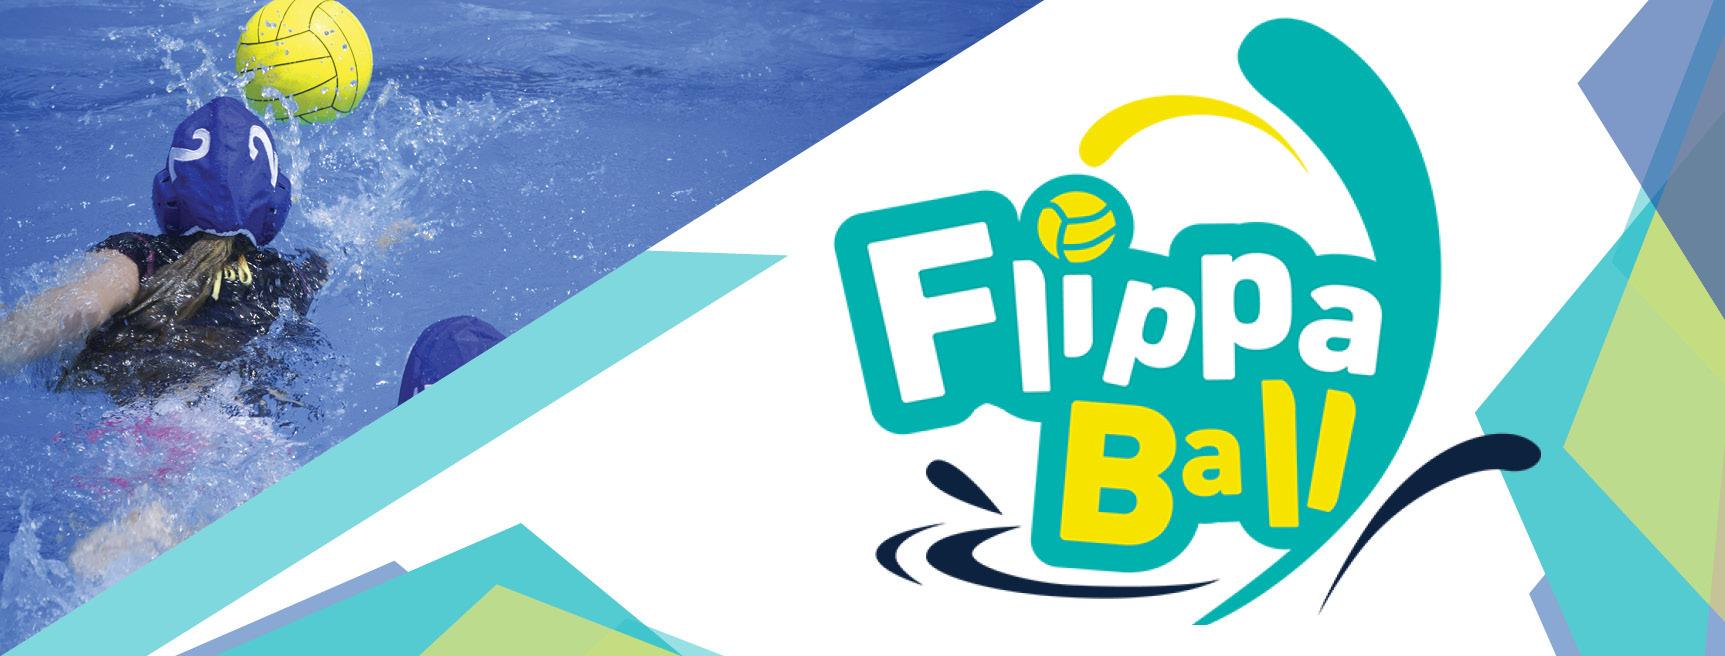 flippa-ball-Web-banner-2.jpg#asset:6081